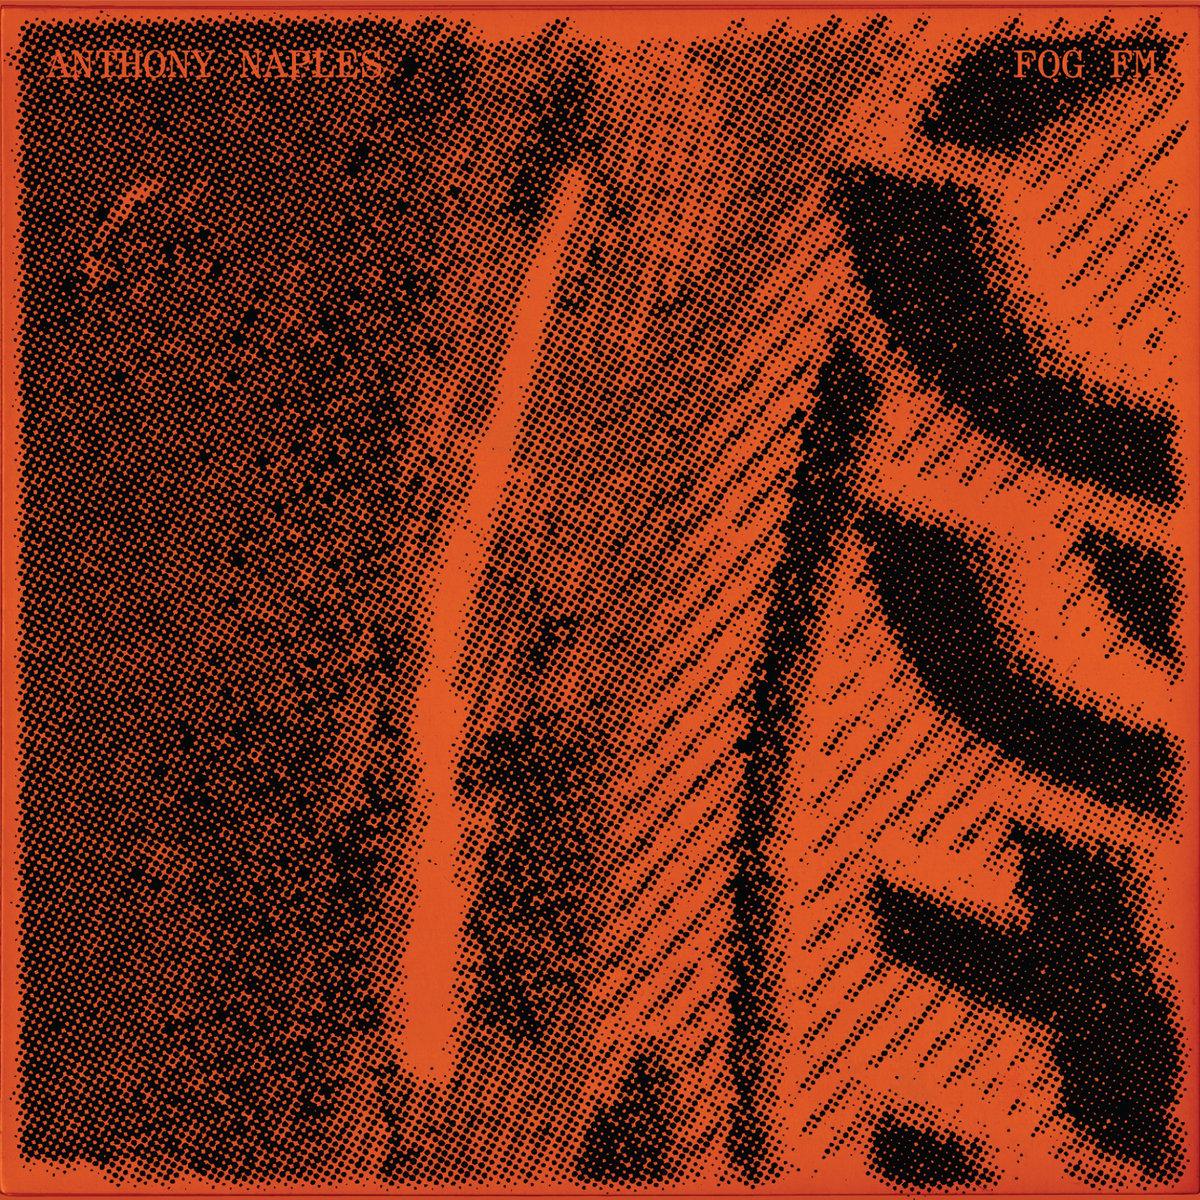 Anthony Naples – Fog FM